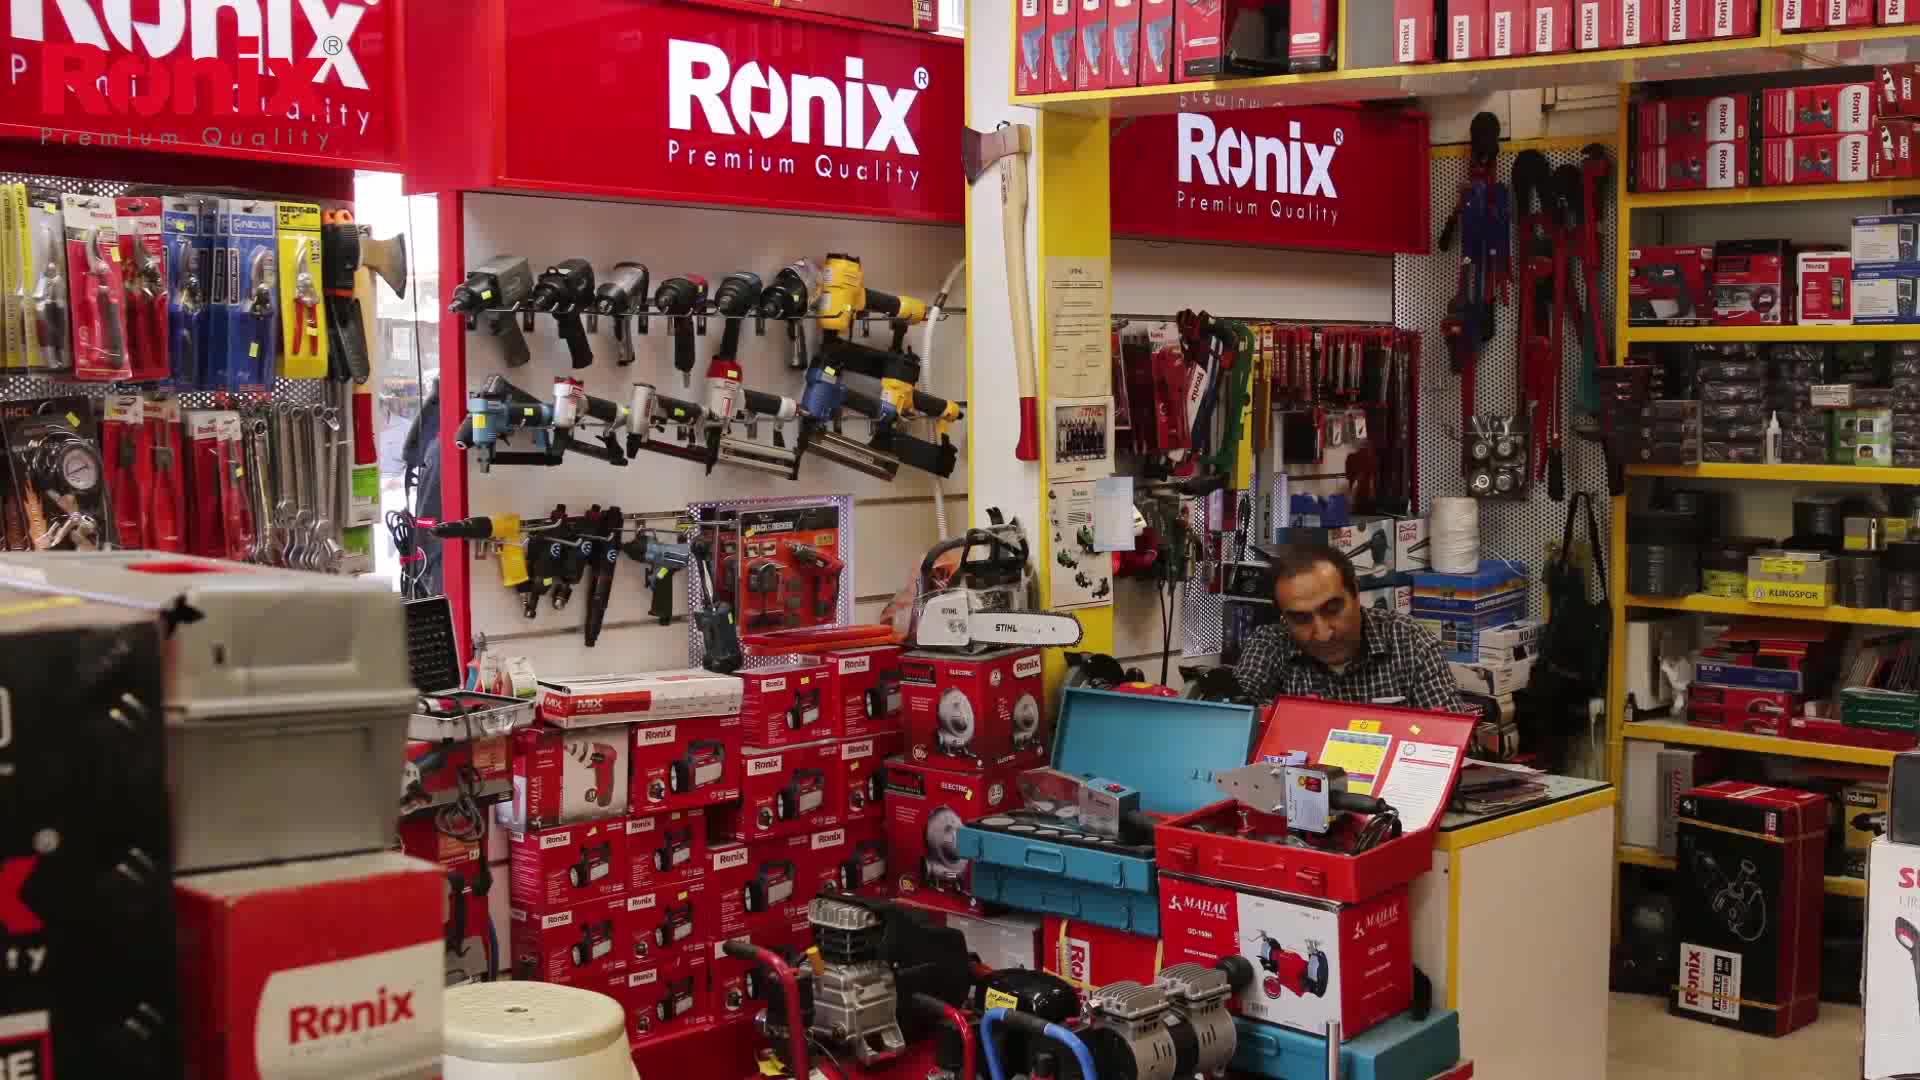 RONIX ahşap işleme aletleri Elektrikli Ahşap Planya 500 W modeli 9210